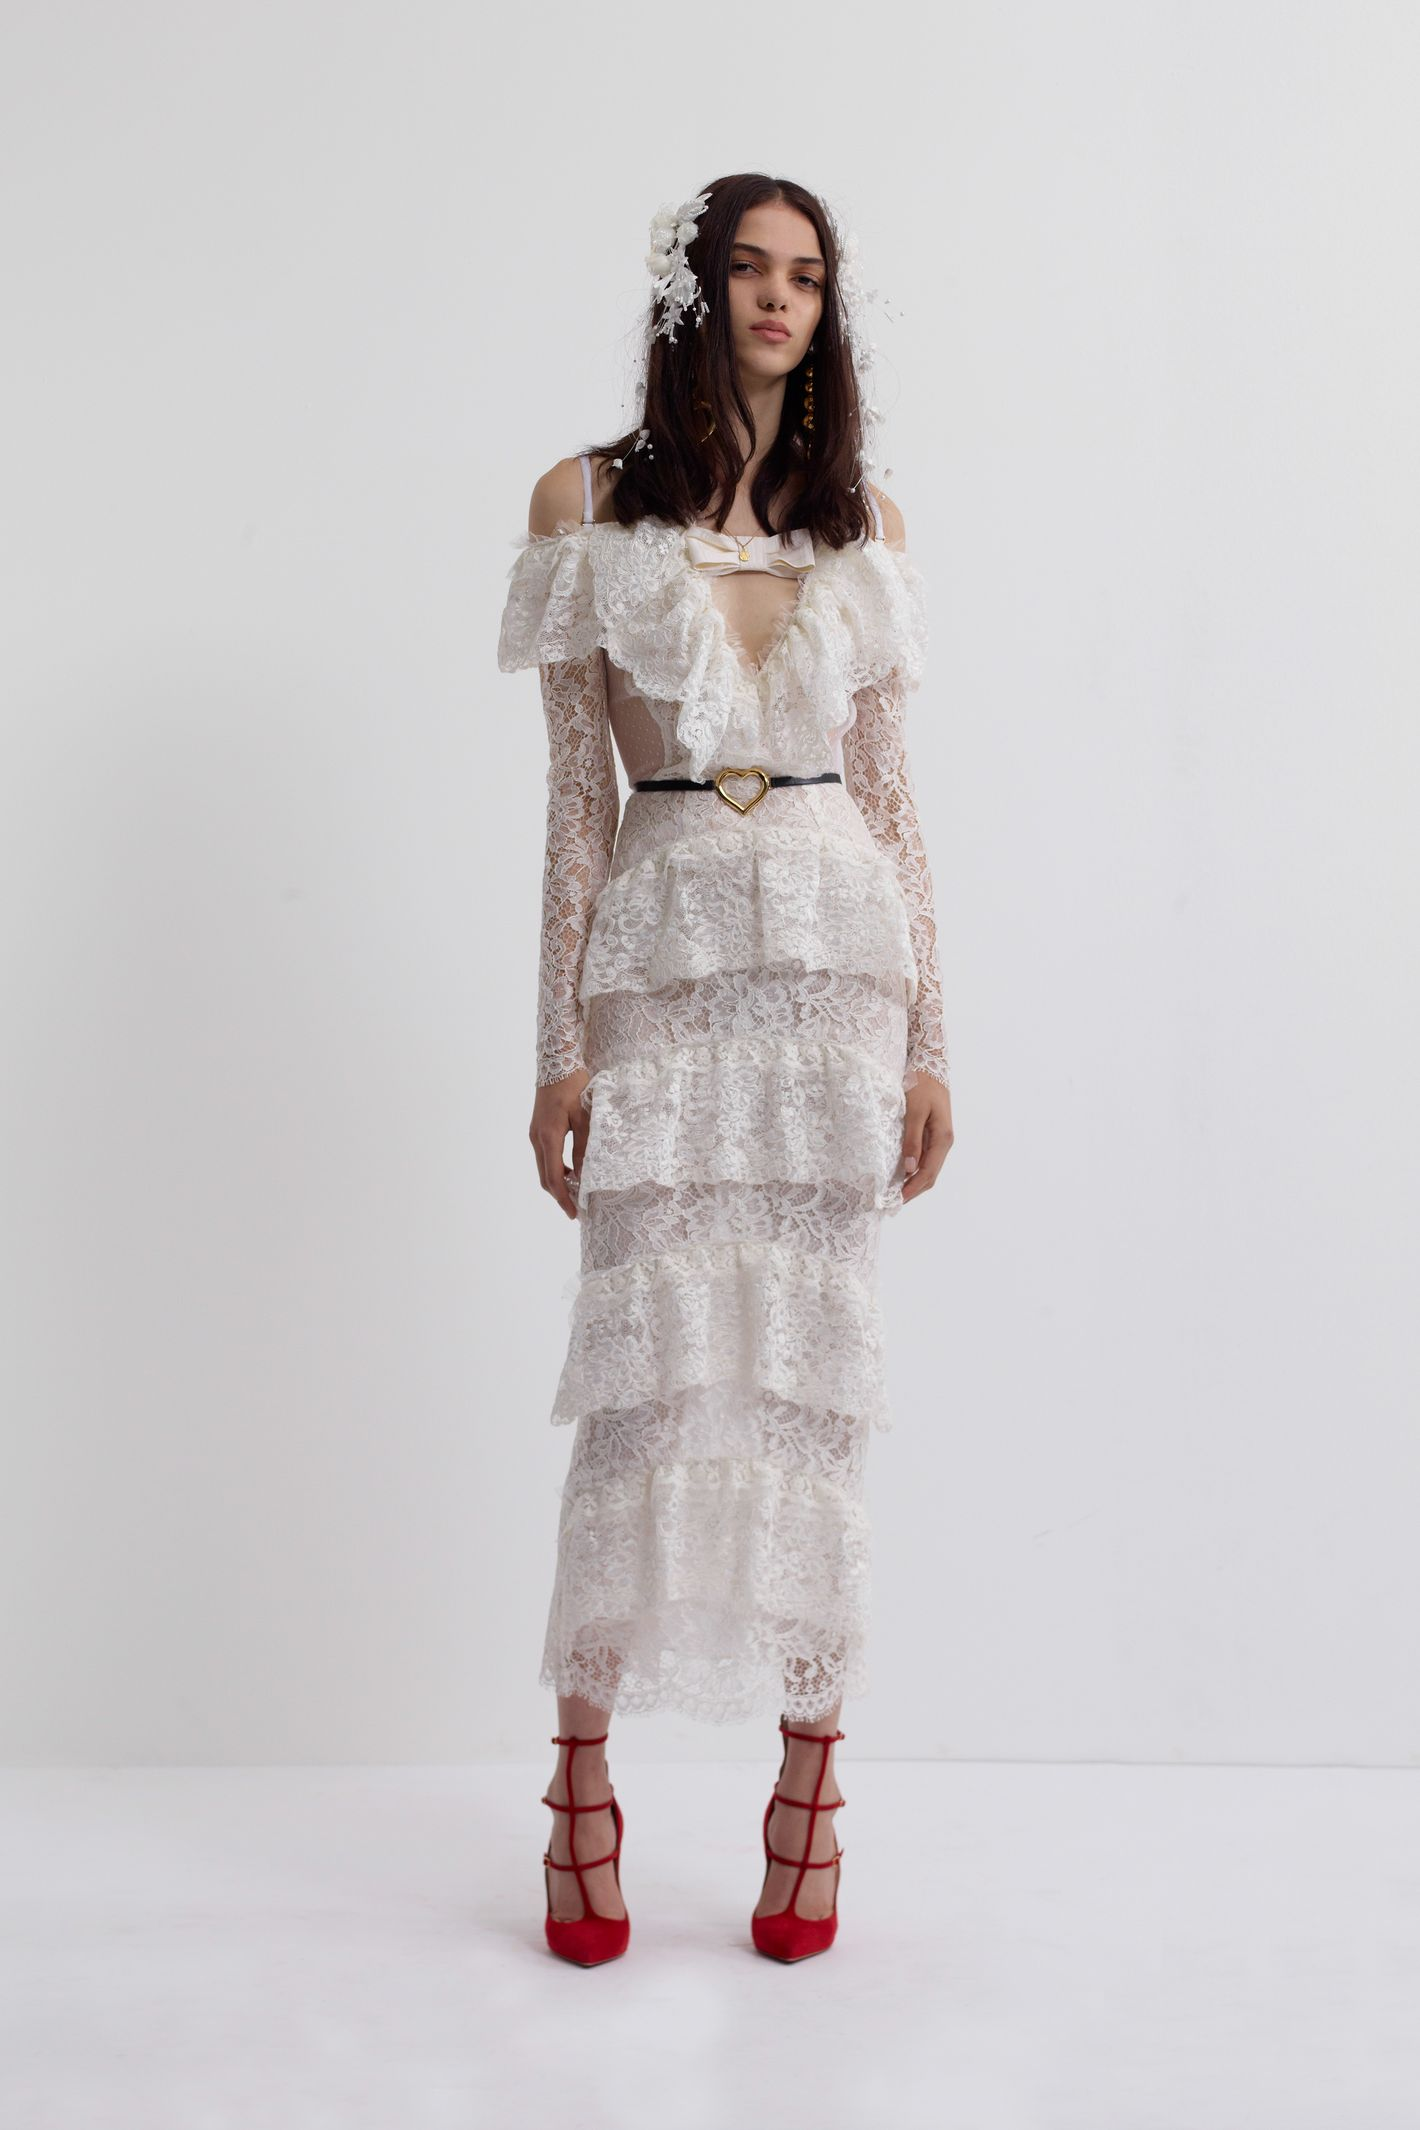 Beyonce 7 11 white dress yello